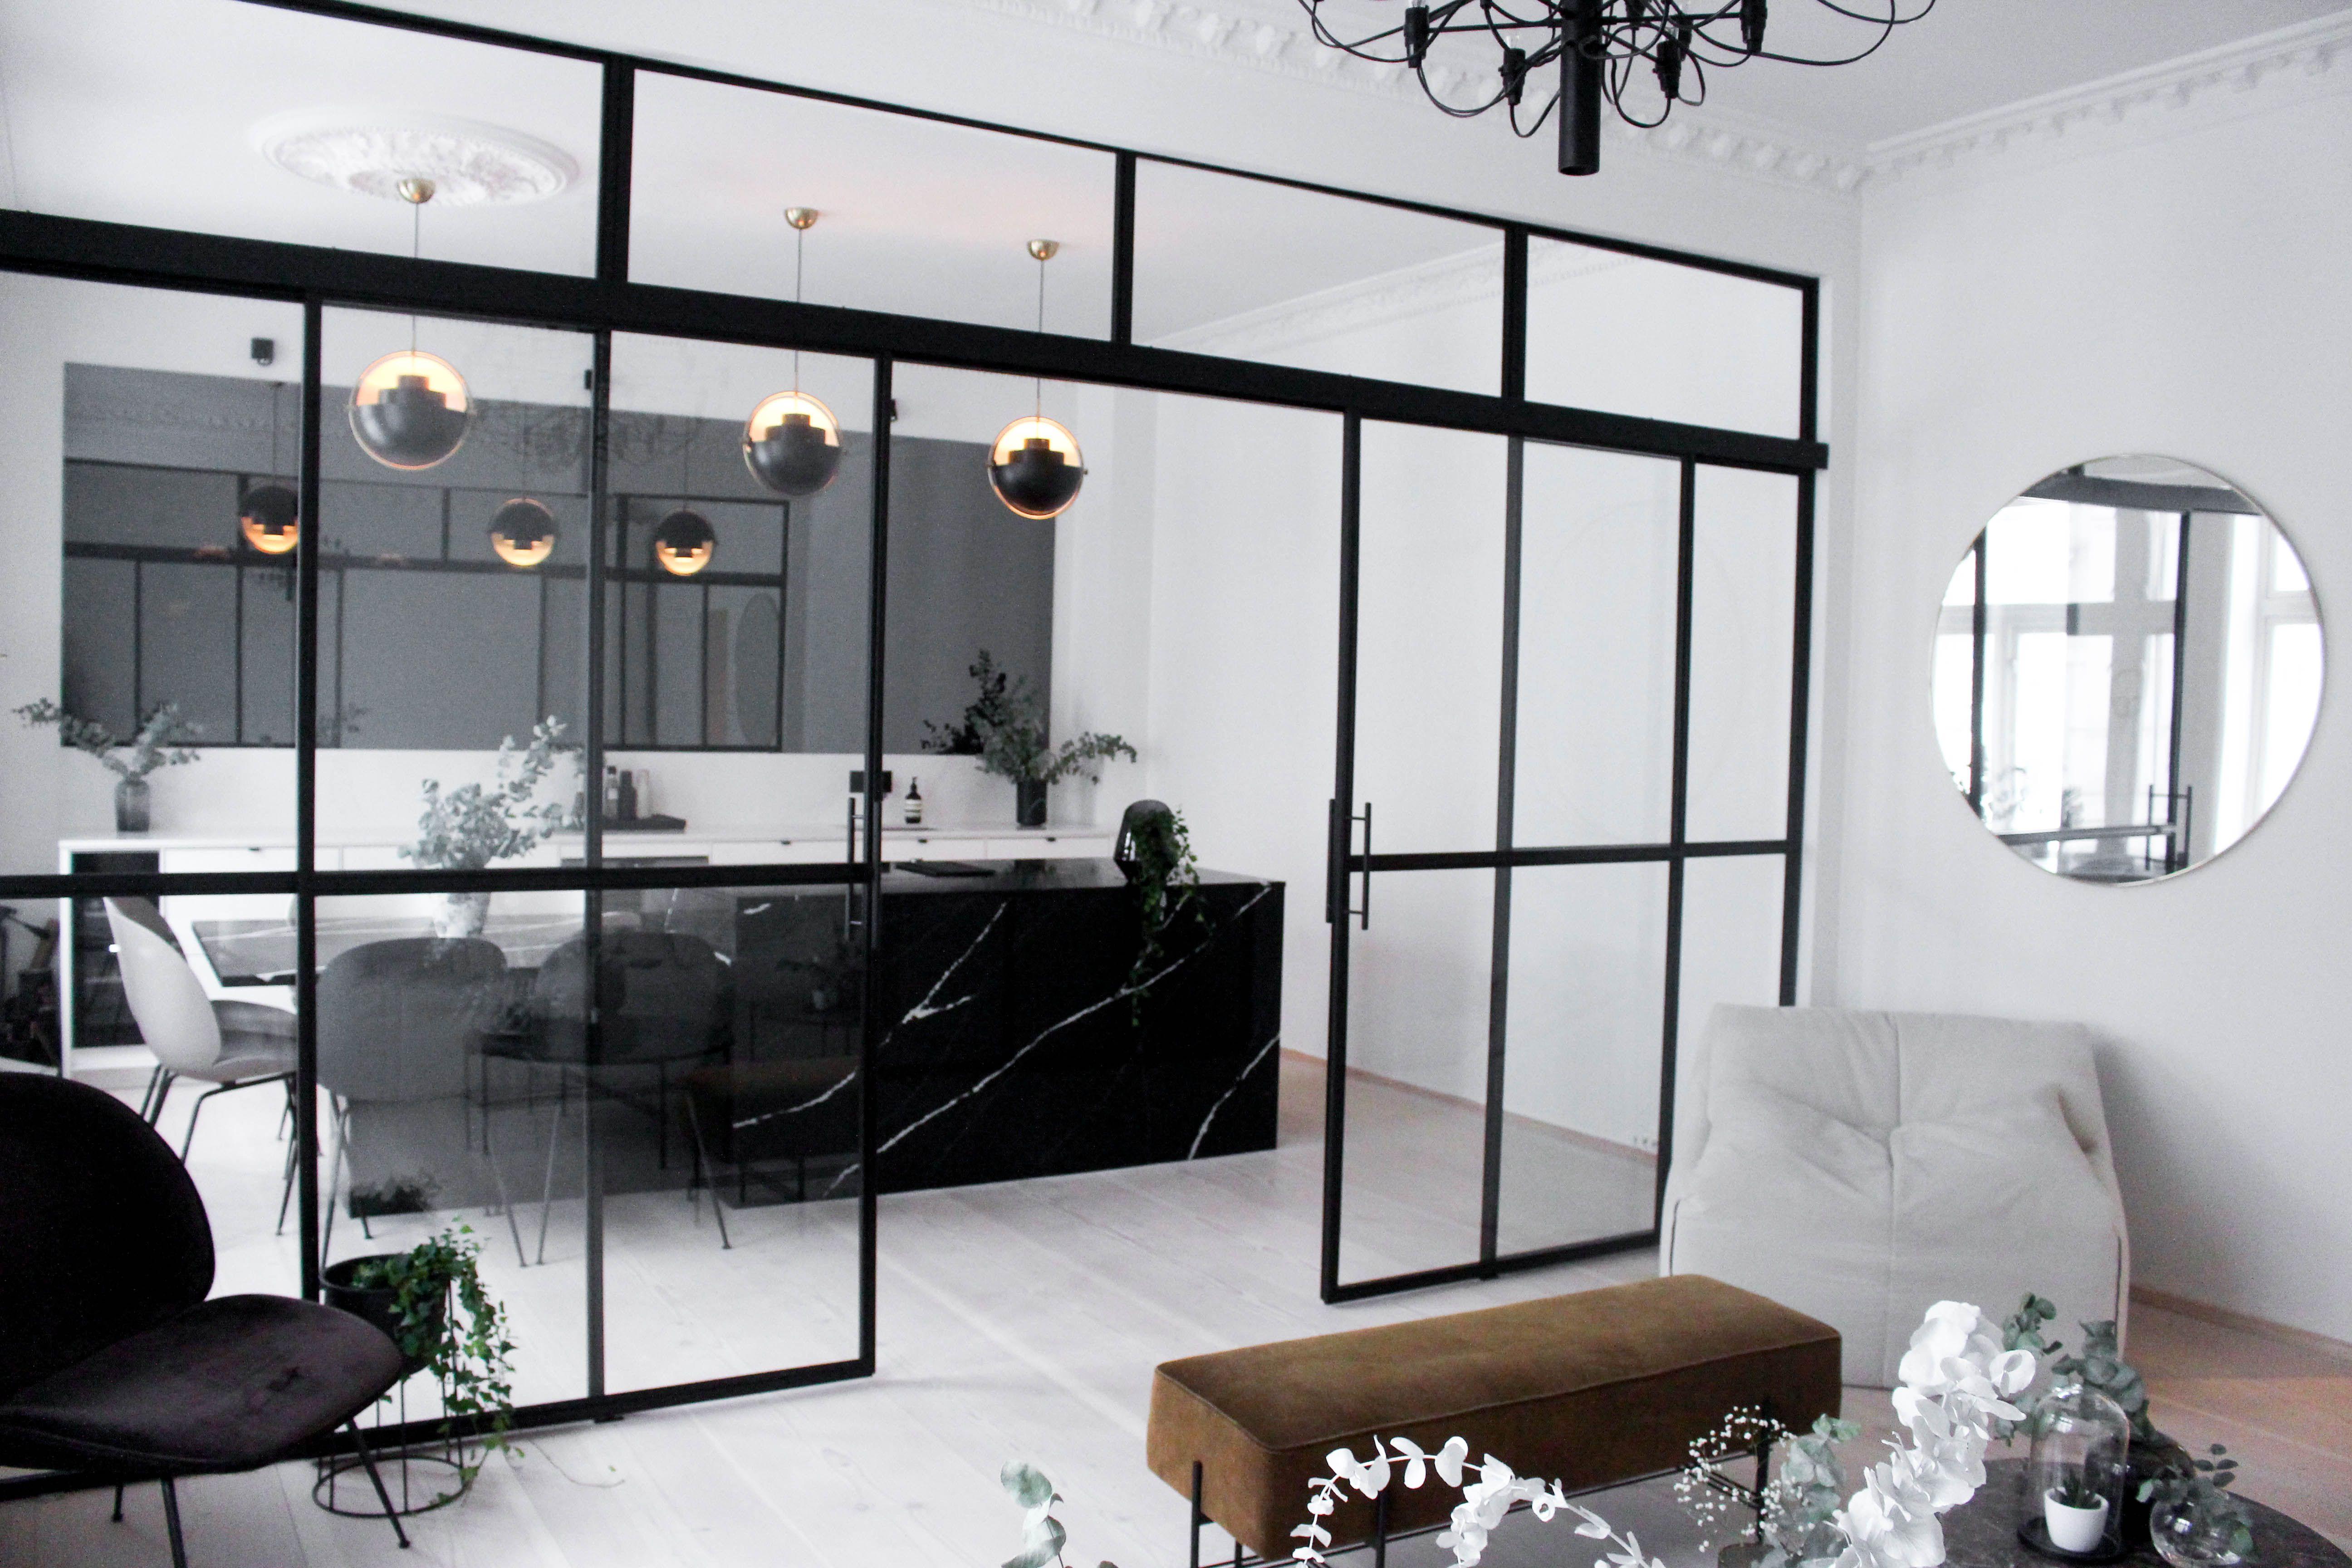 LENE ORVIK – In my black corner